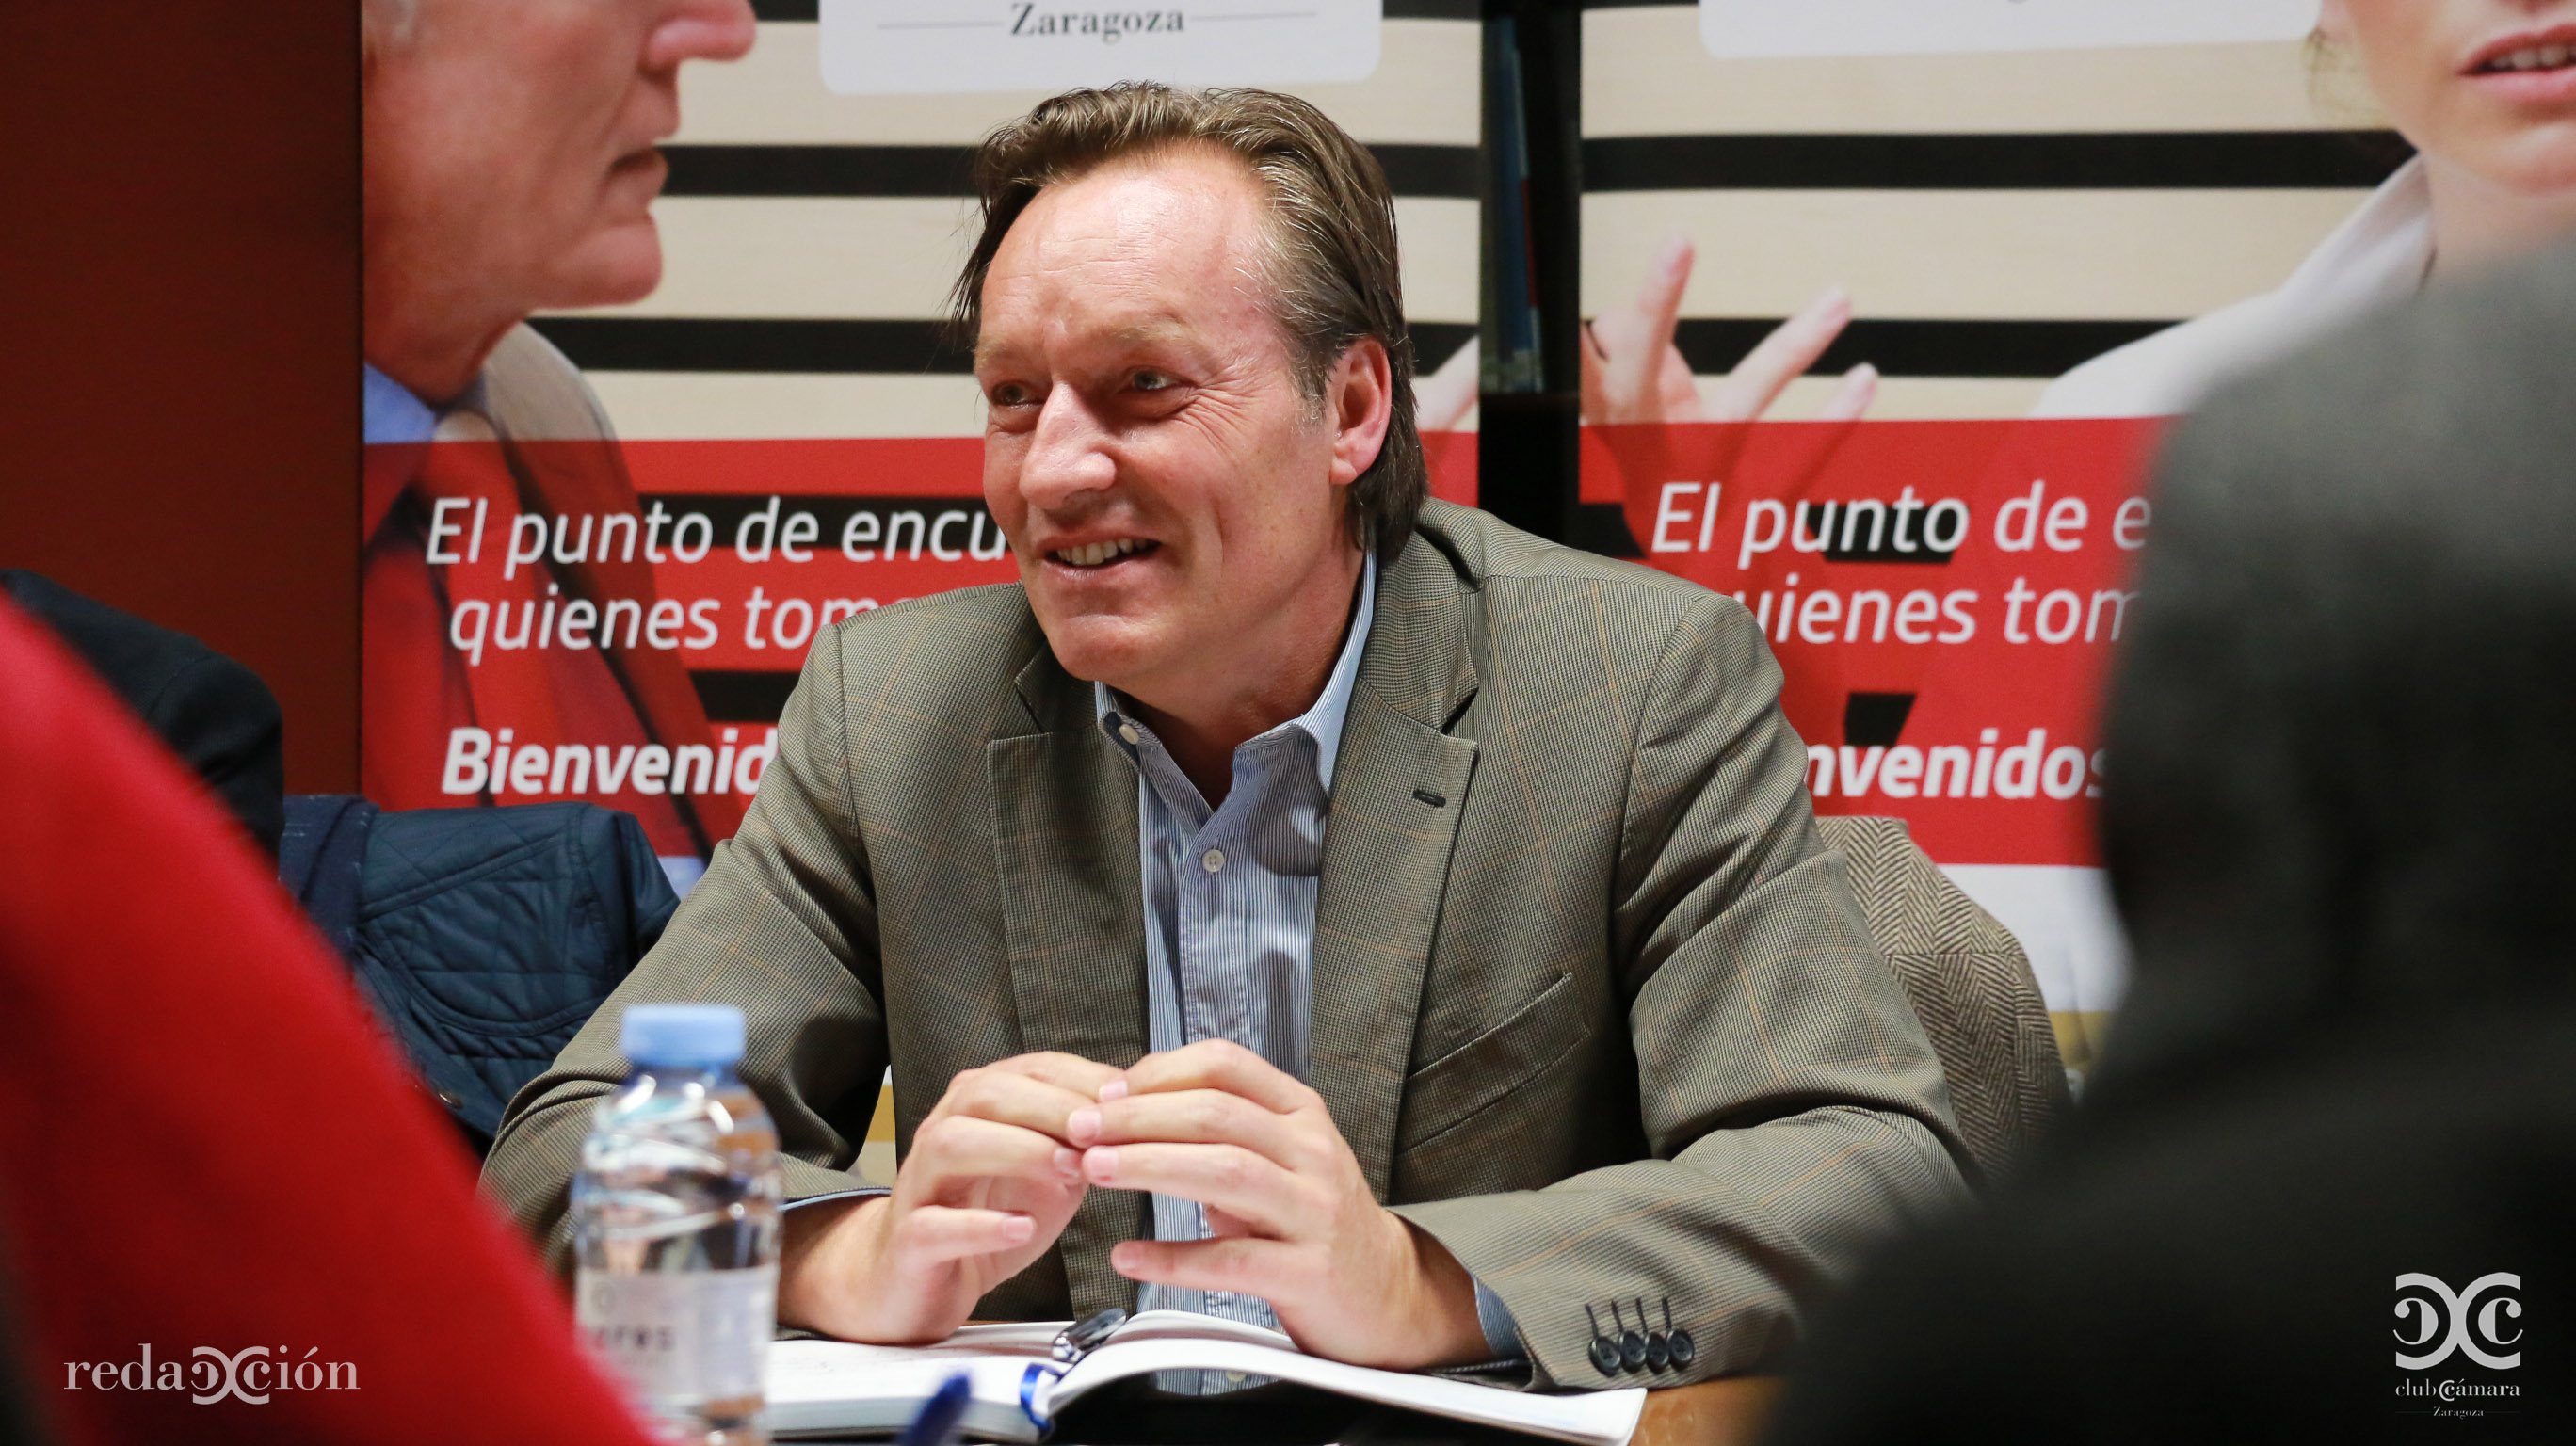 Enrique de Zabala